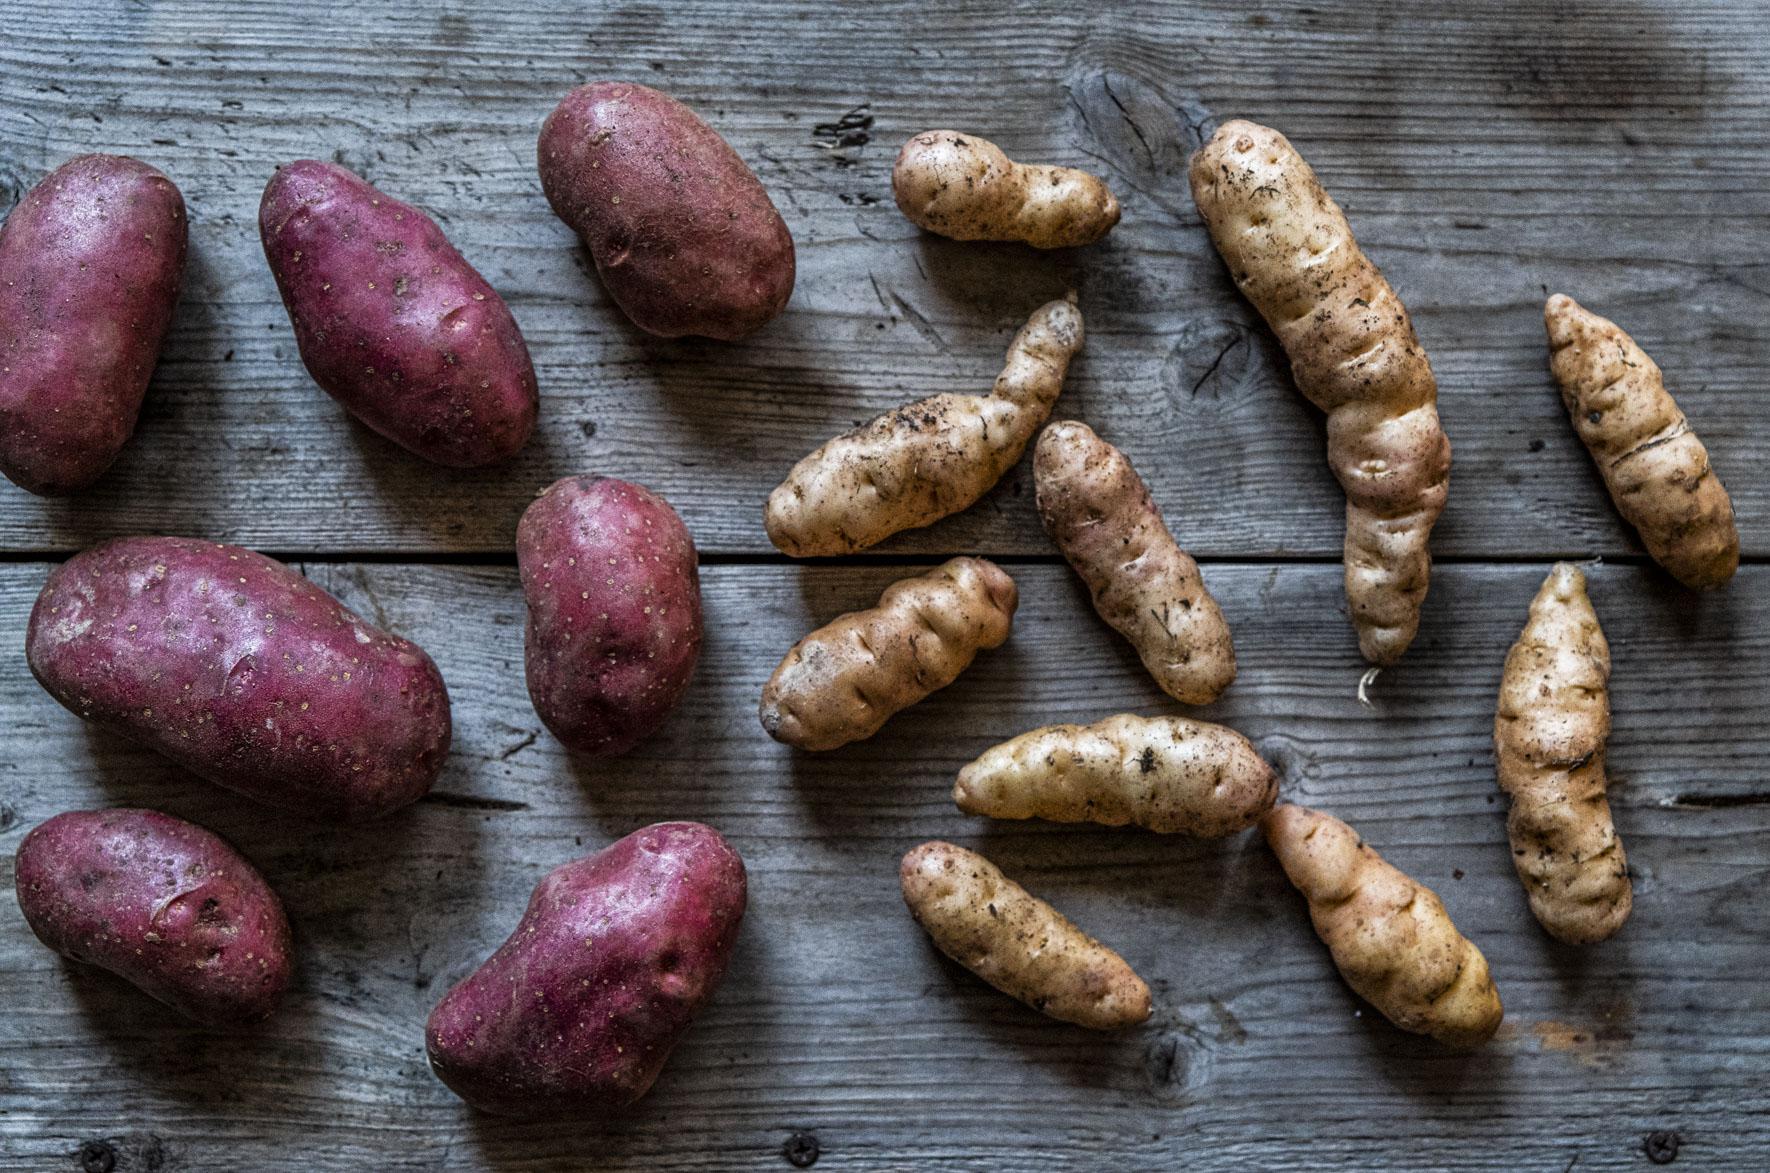 Vår bästa potatis är korad!